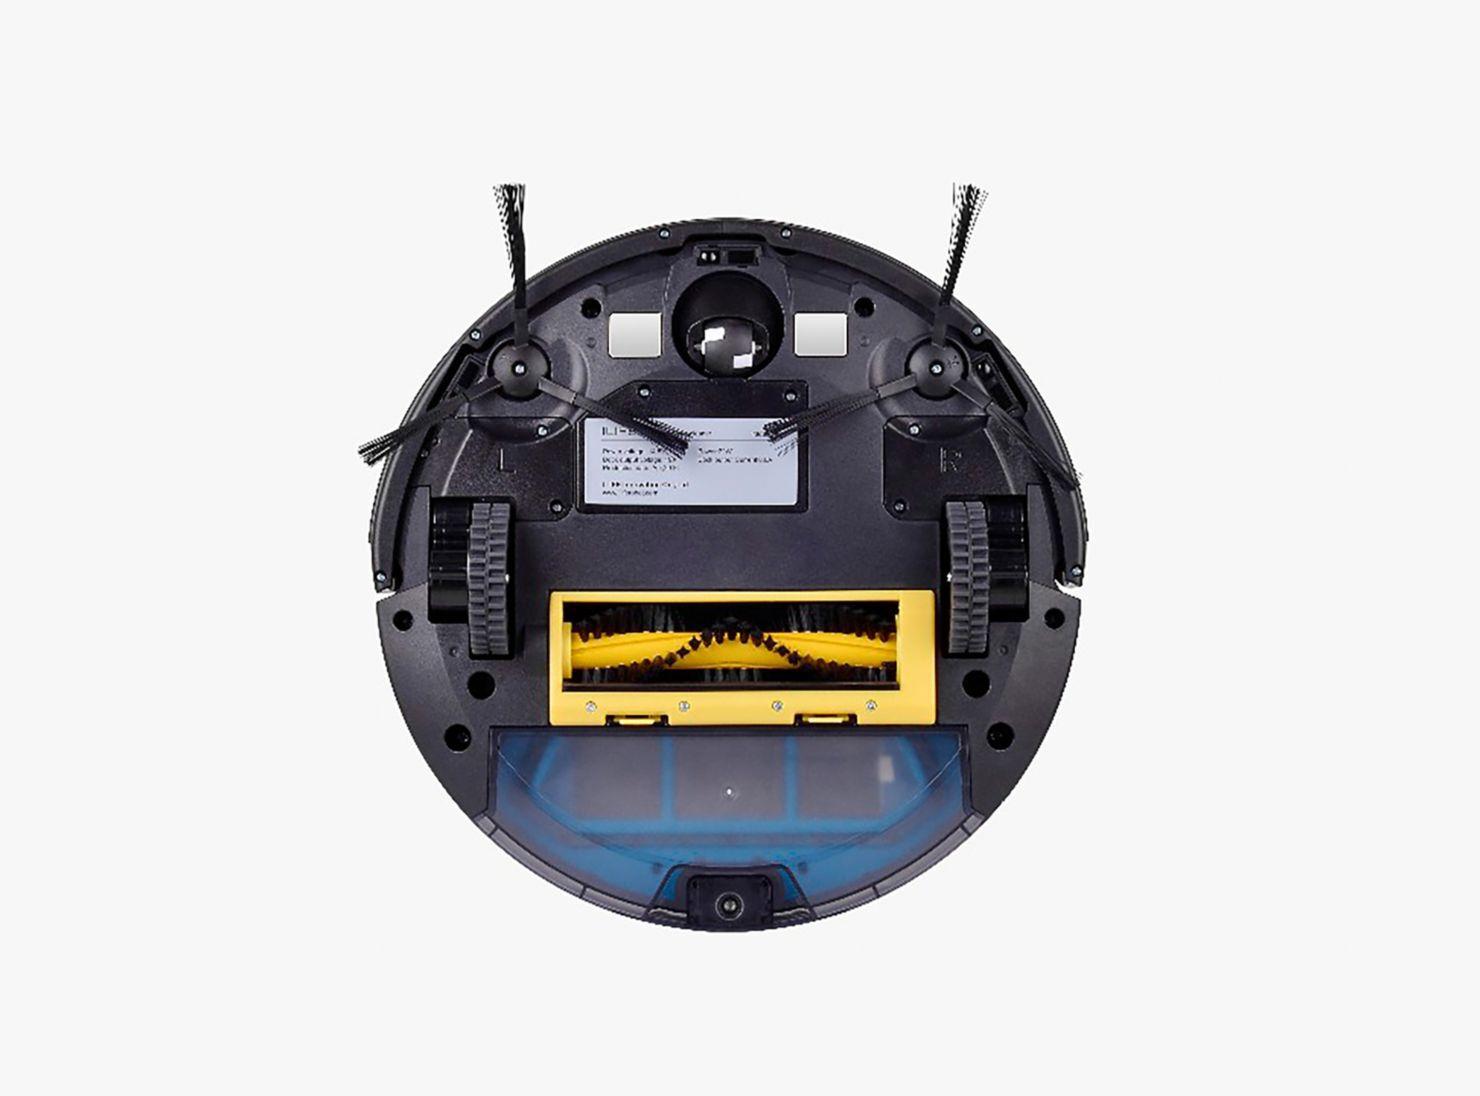 Robot Ilife A4s Ilife Programable Robot Programable Aspiradora Aspiradora Aspiradora A4s Ilife Programable Robot hxQordsBtC